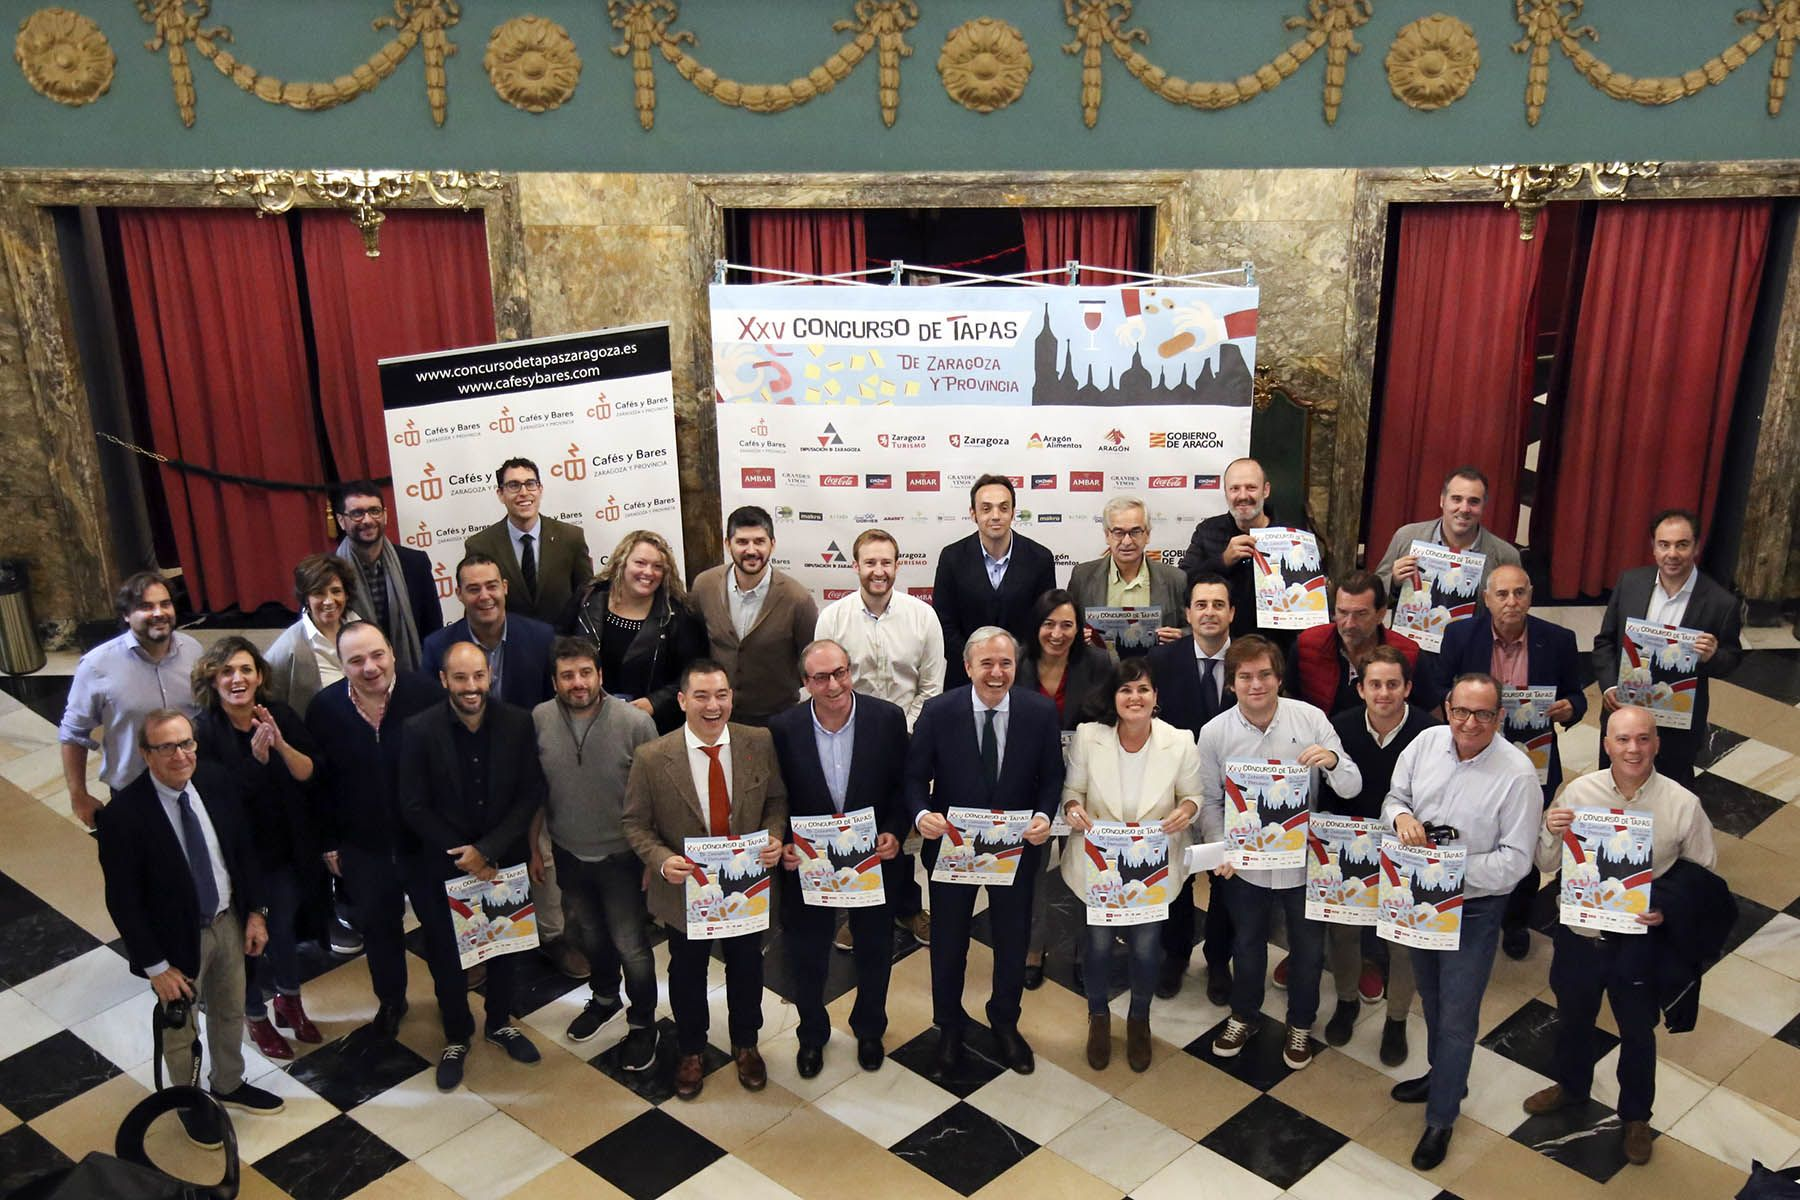 El Concurso de Tapas de Zaragoza y provincia celebra sus bodas de plata con récord histórico de participación